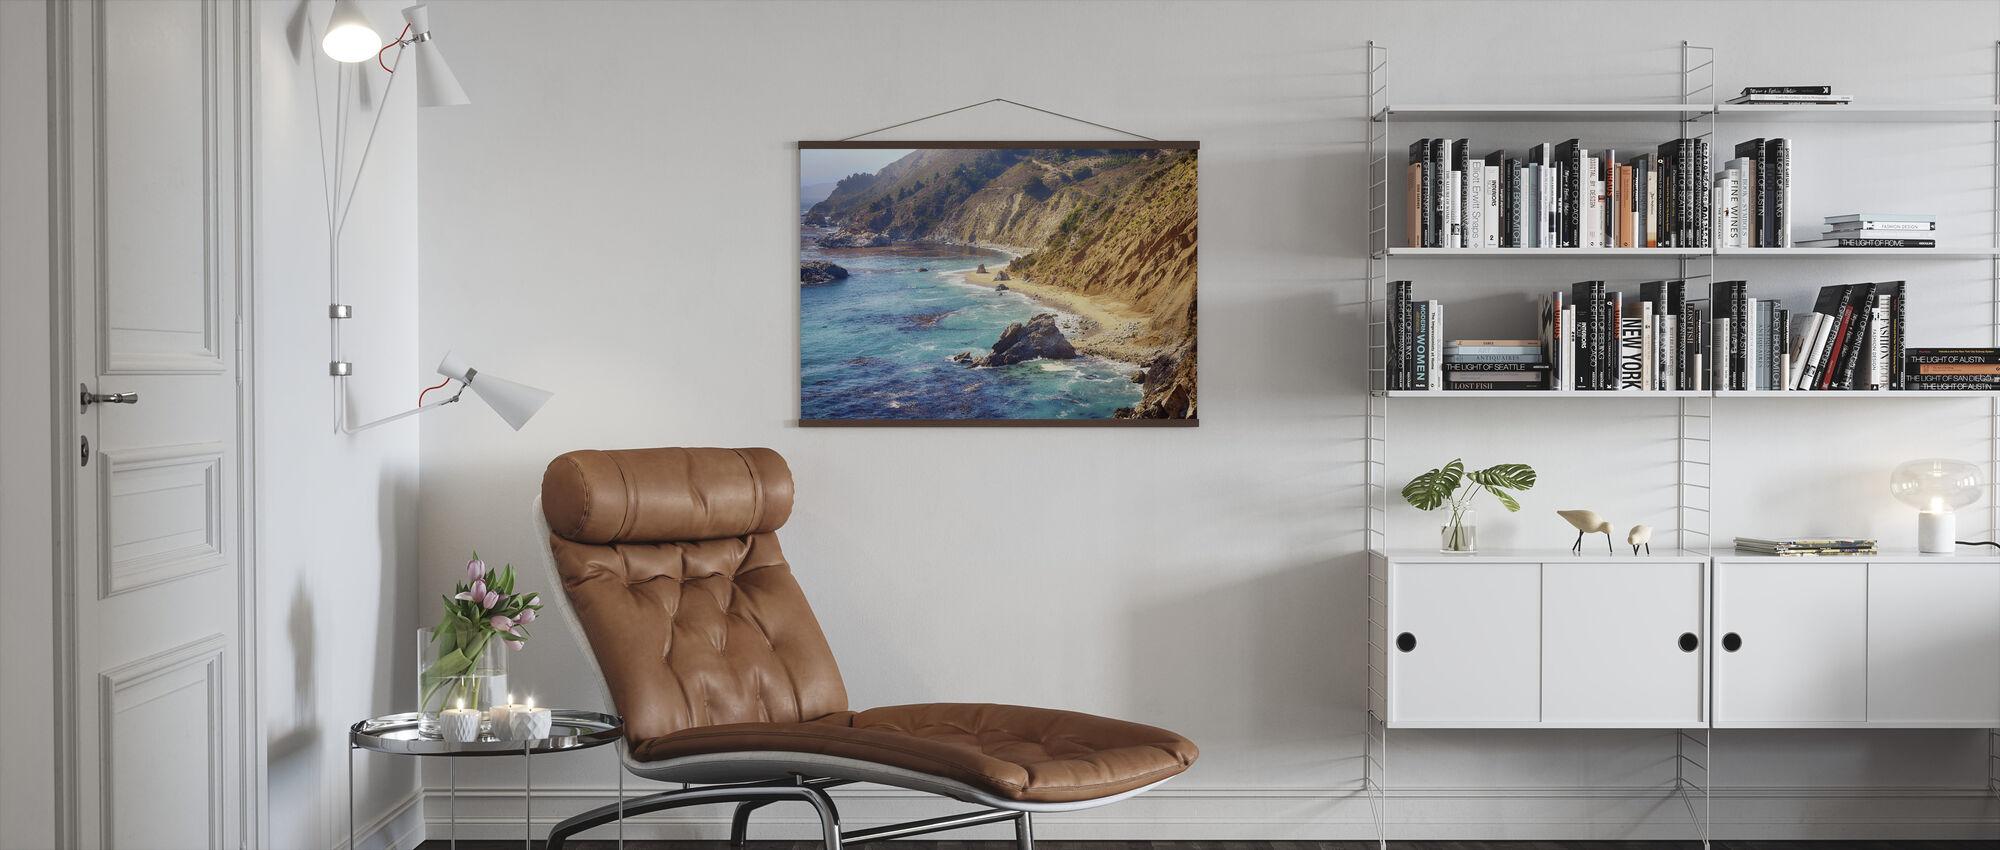 Steile Cliffs - Poster - Woonkamer